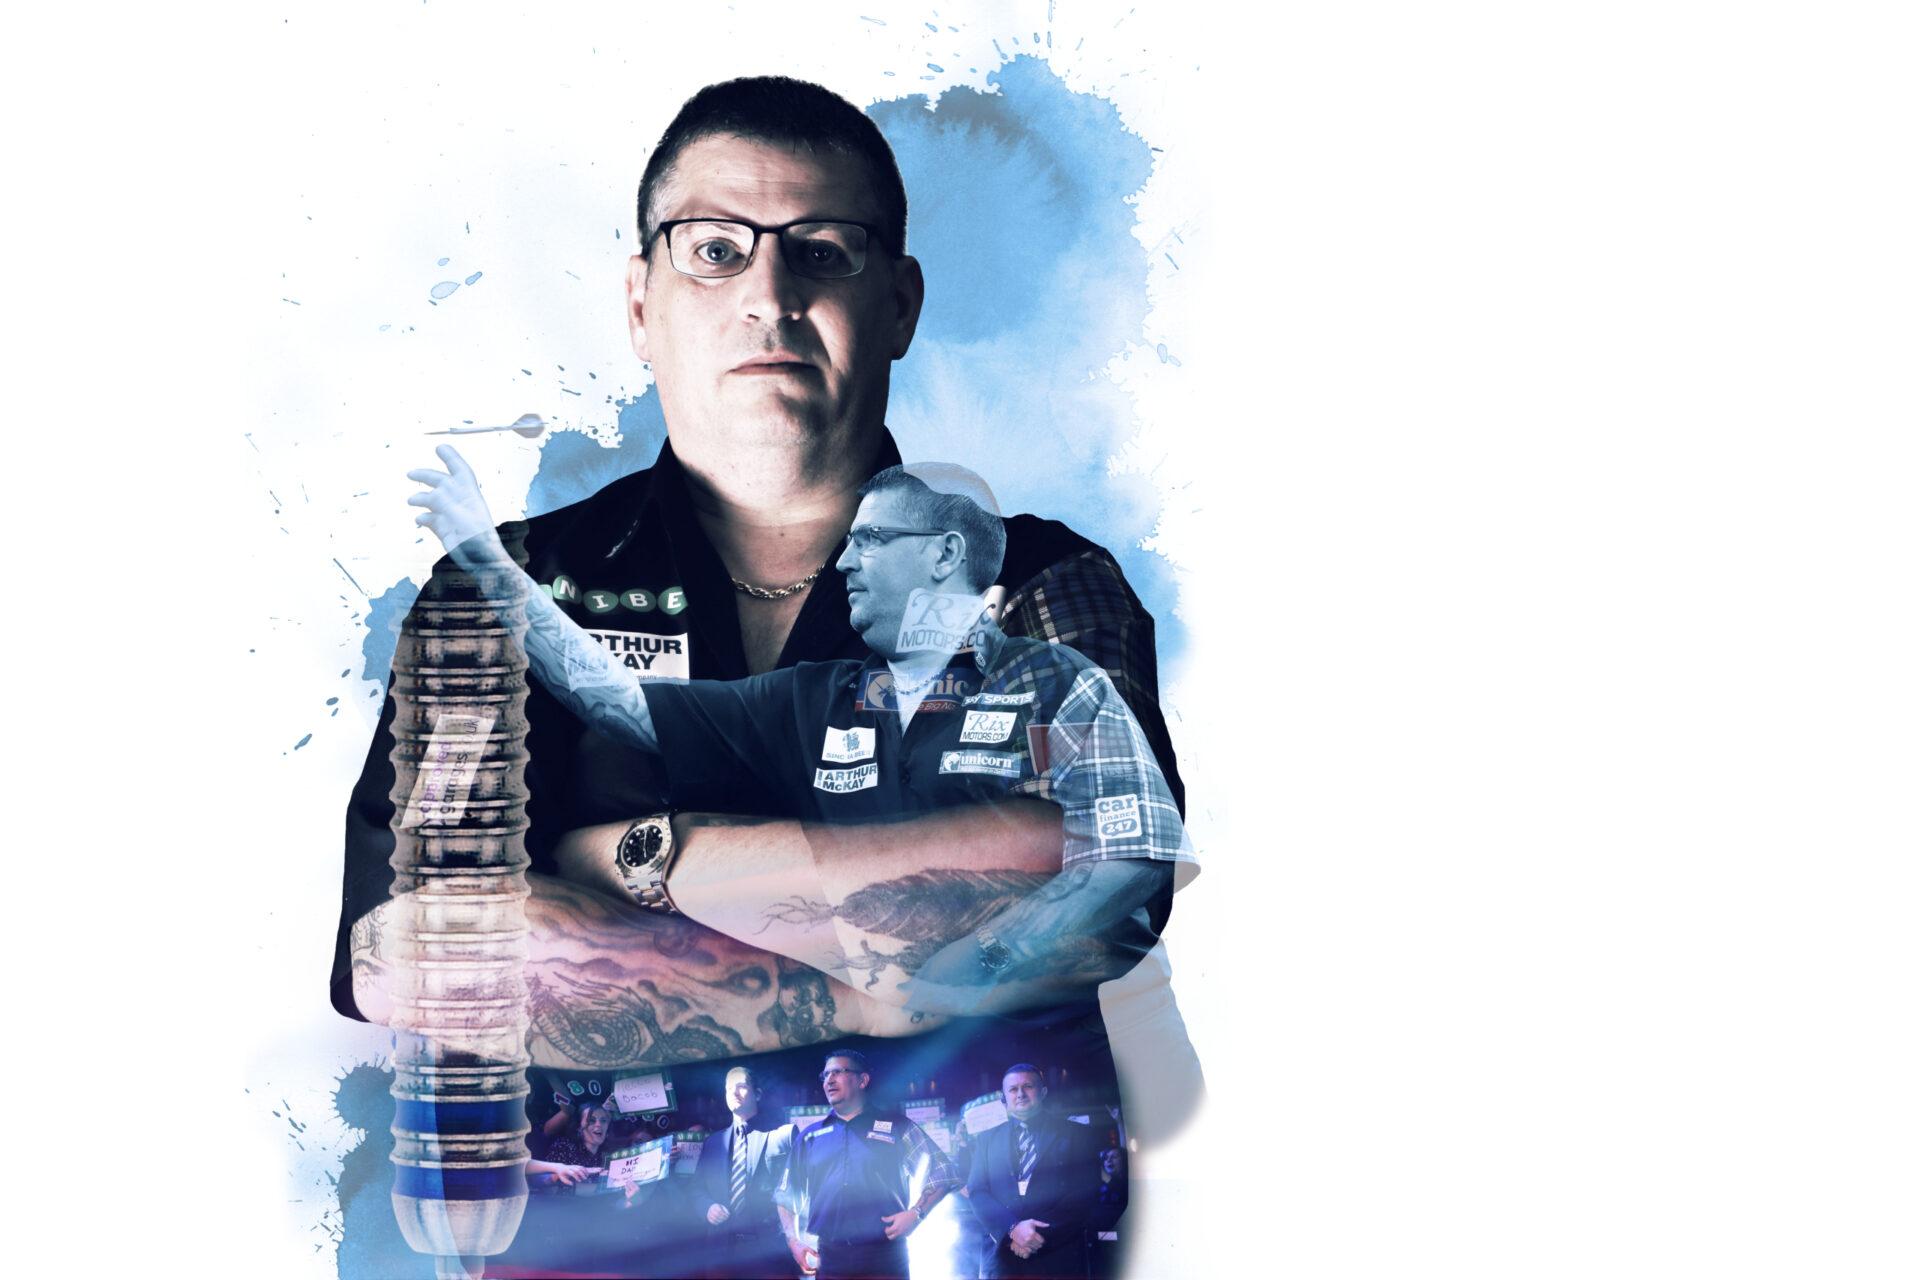 Gary Anderson Dartspieler